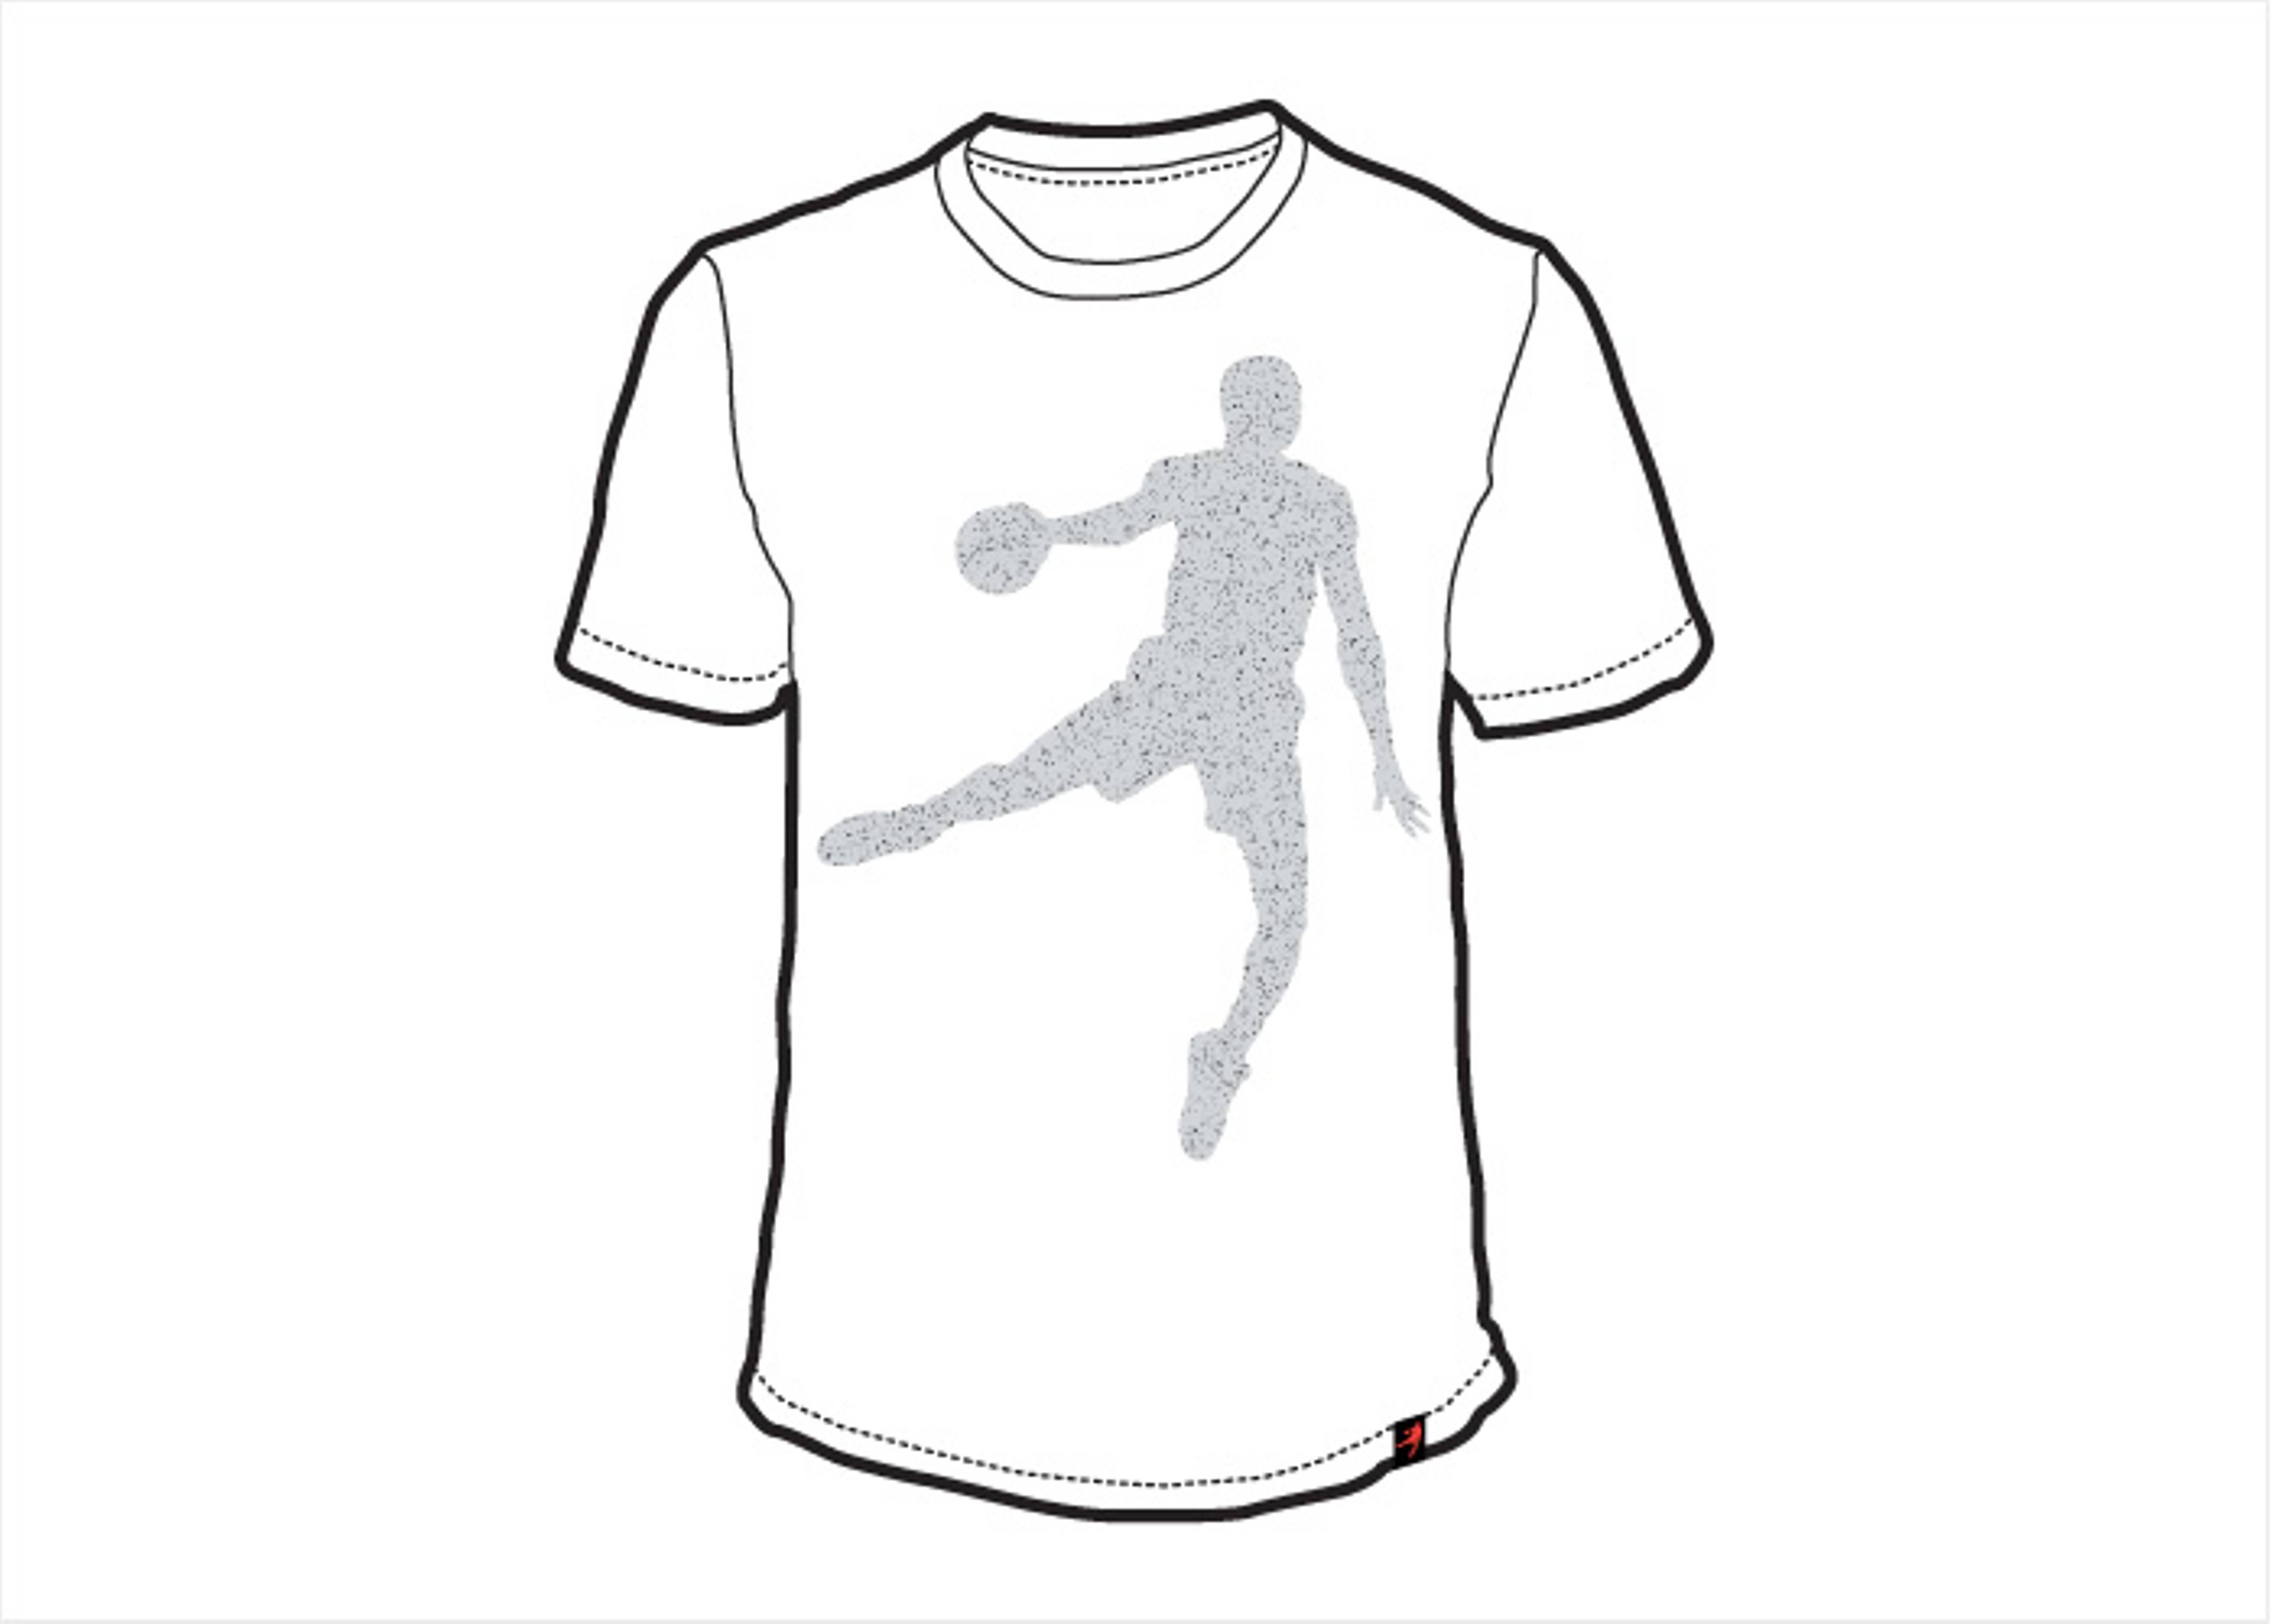 textured hangtime shirt